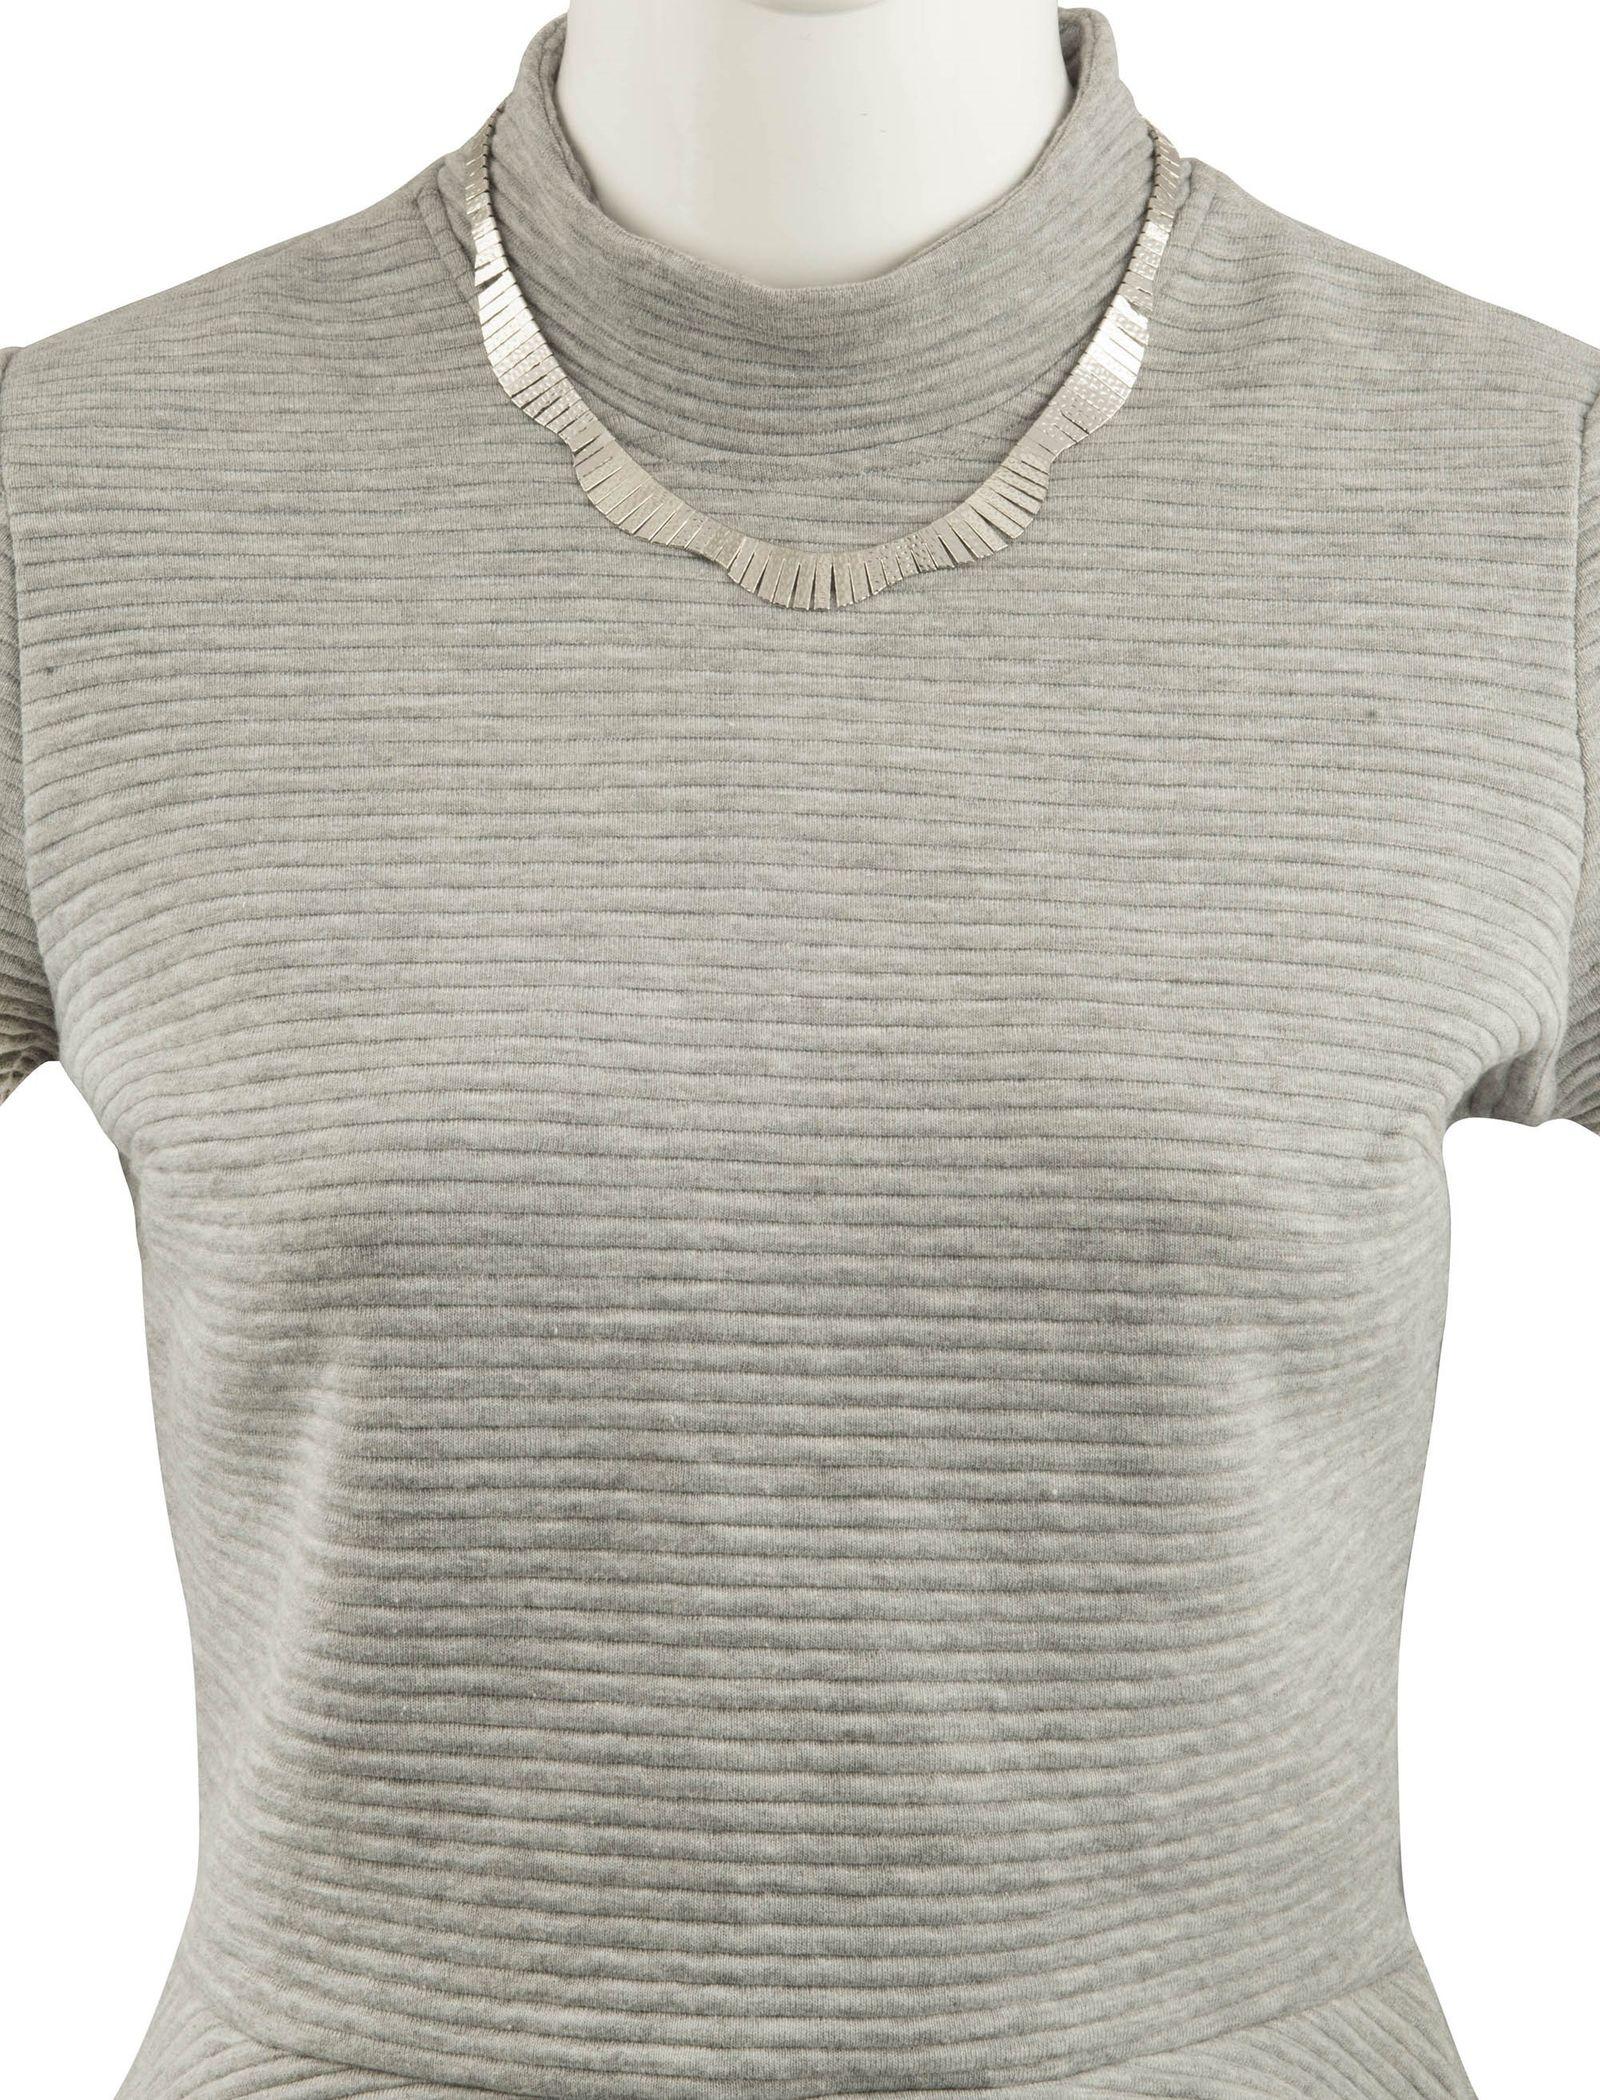 گردنبند زنانه - پارفوا - نقره اي - 4